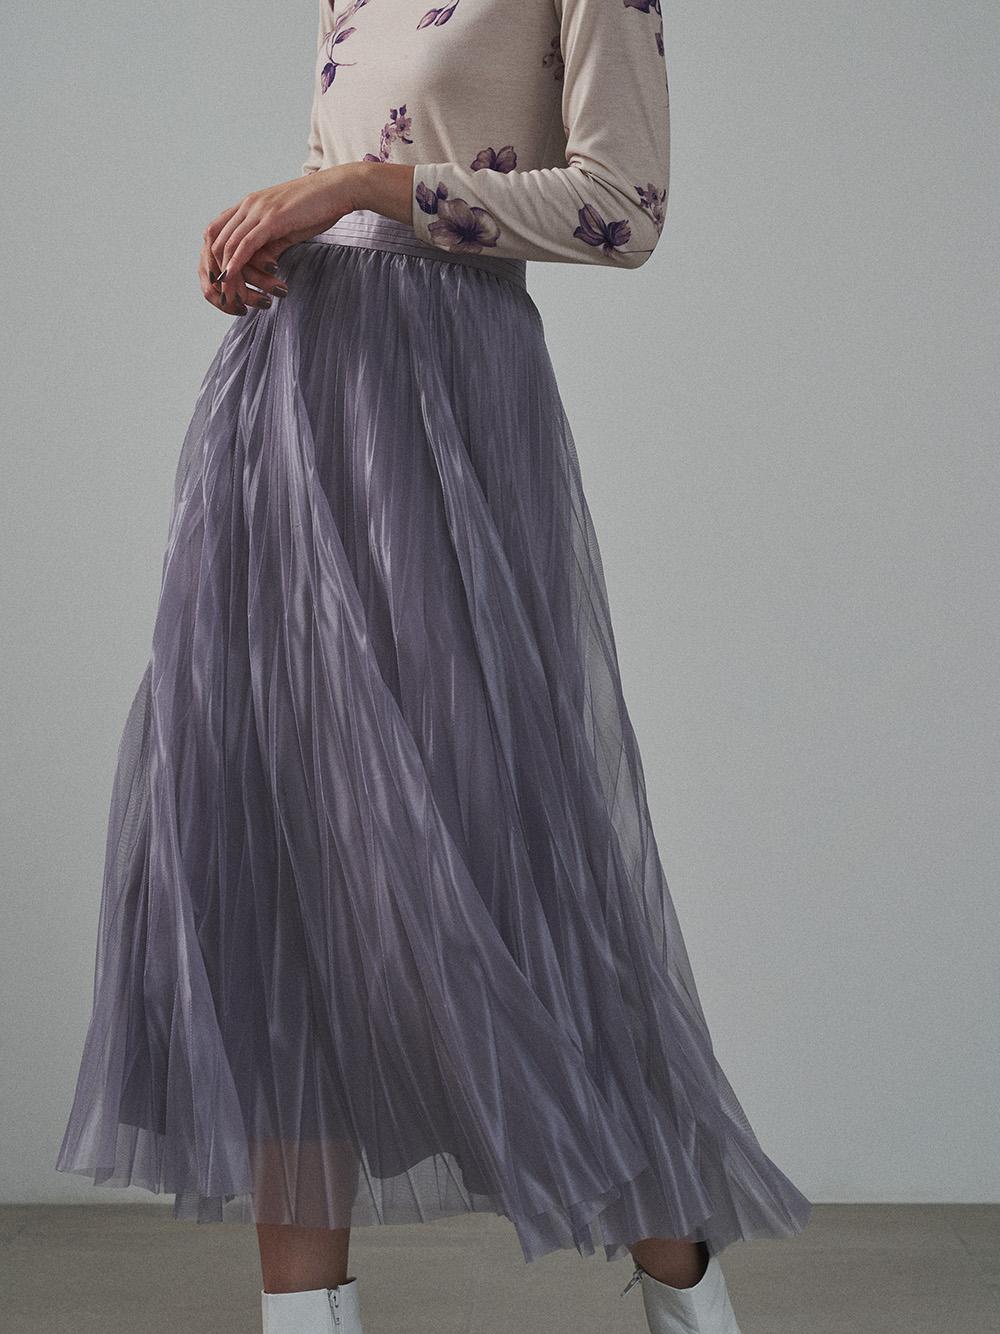 変形シアープリーツスカート(BLU-F)